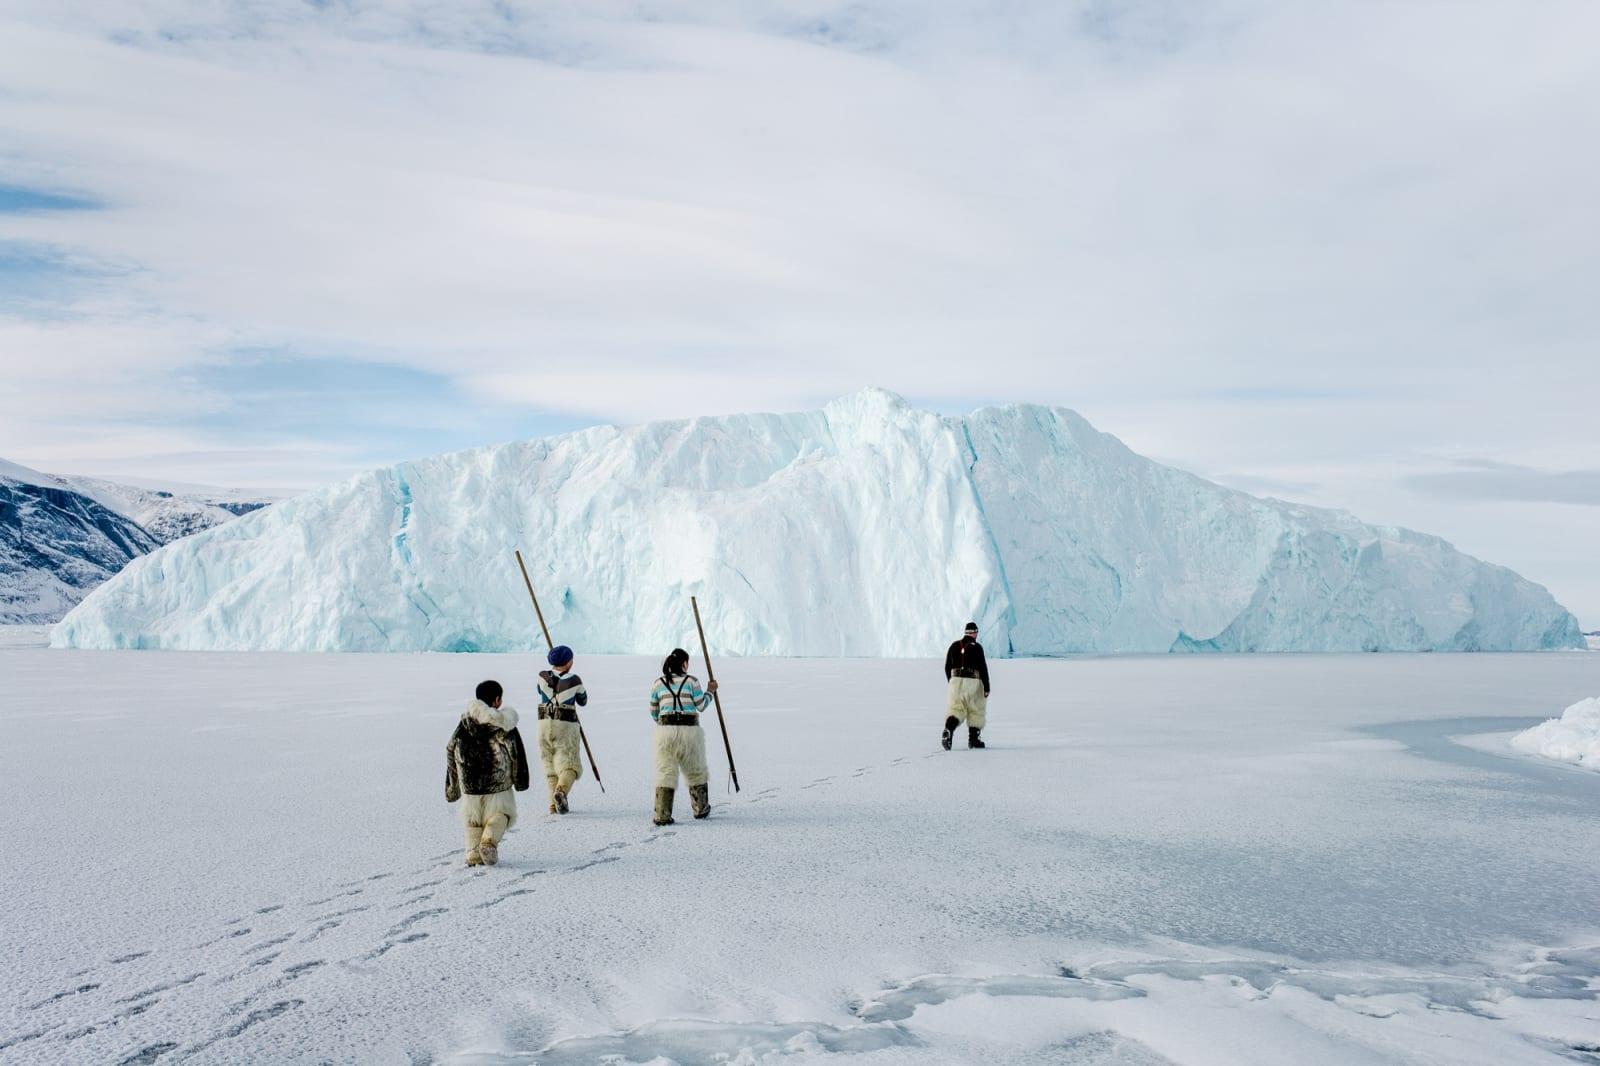 Ciril Jazbec, On Thin Ice #0008, 2014